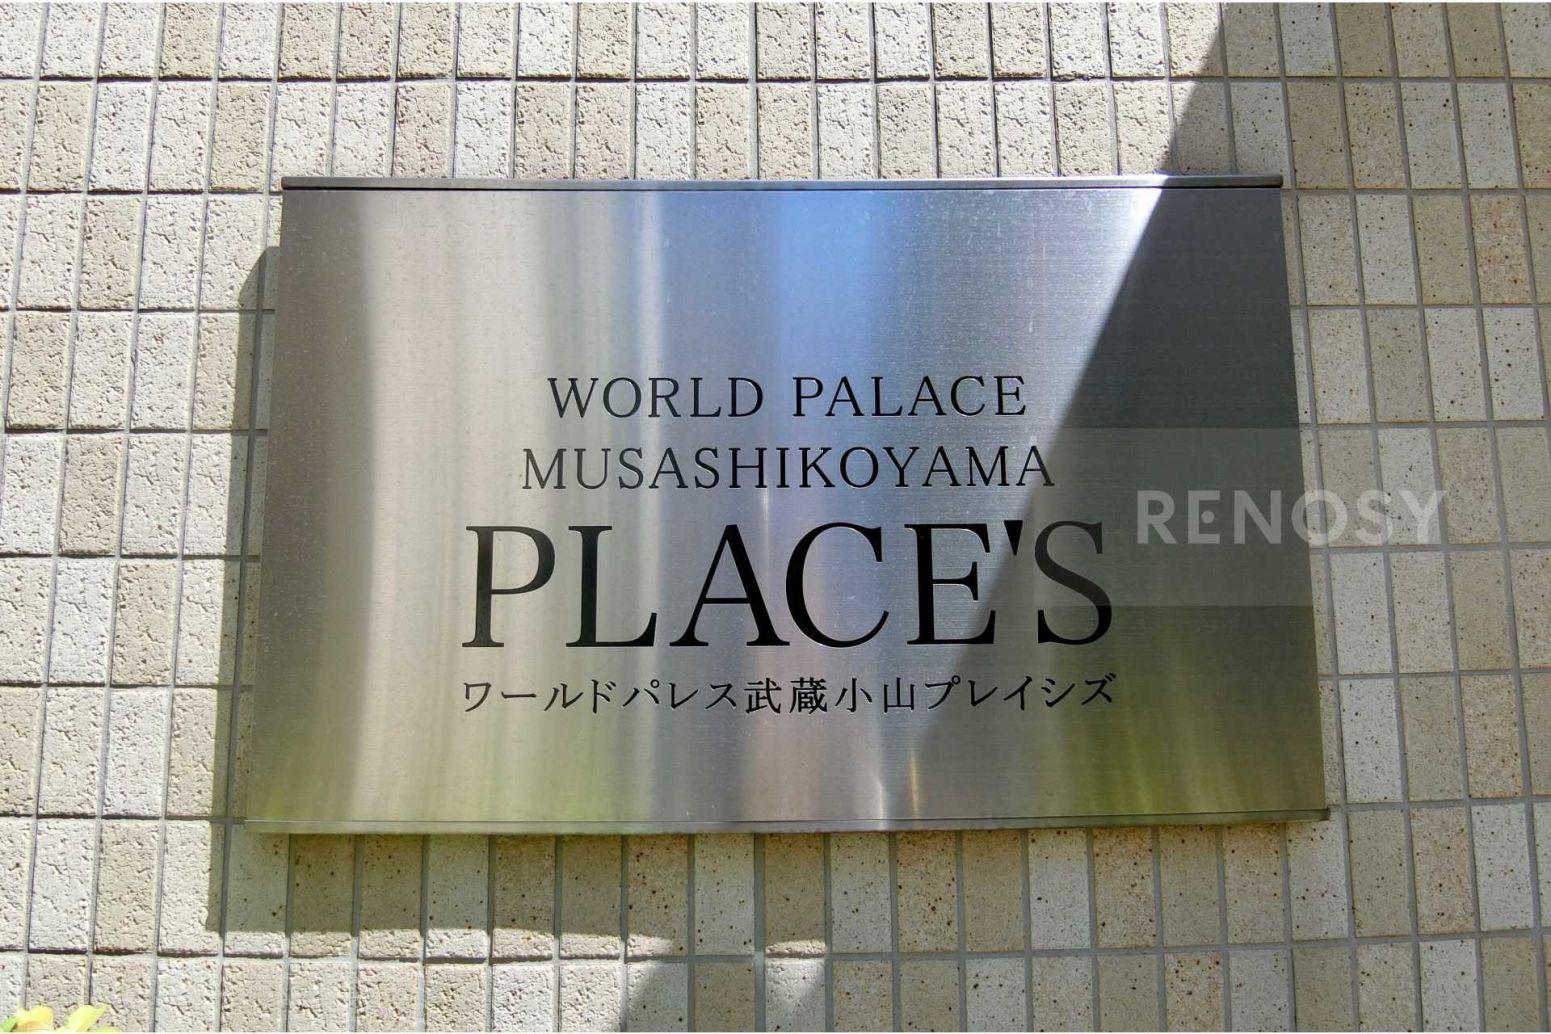 ワールドパレス武蔵小山プレイシズ